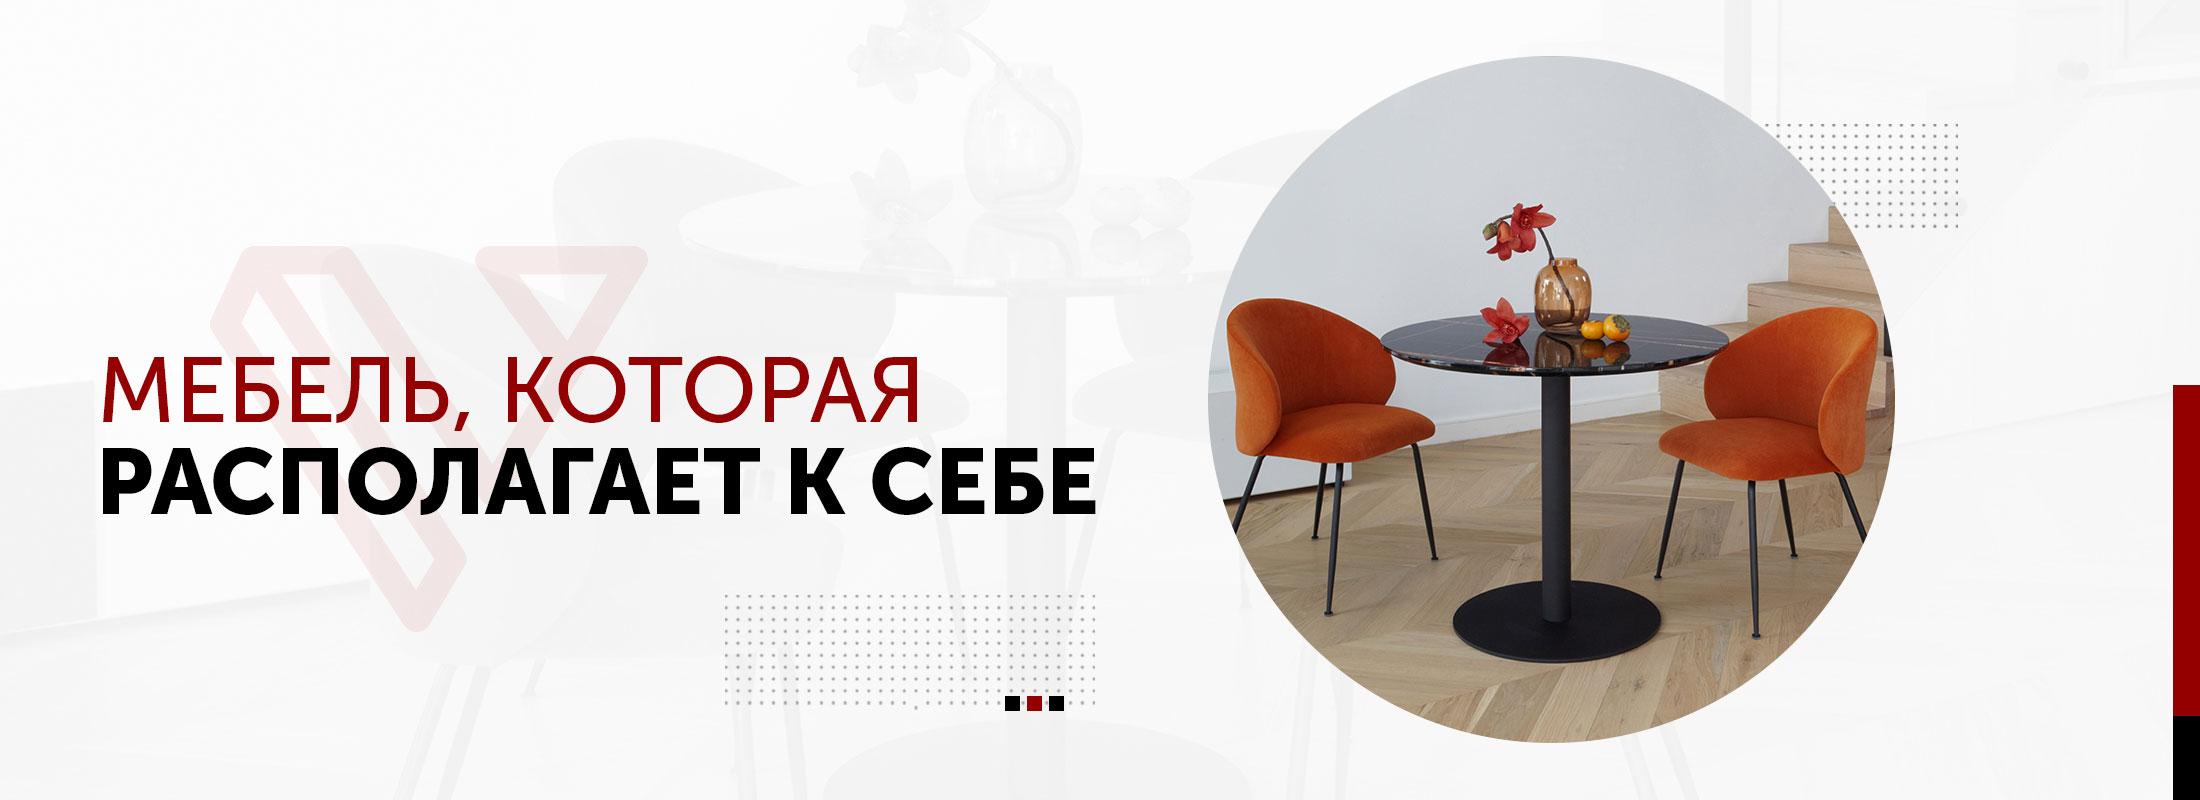 Стильная и дизайнерская мебель Vetro Mebel